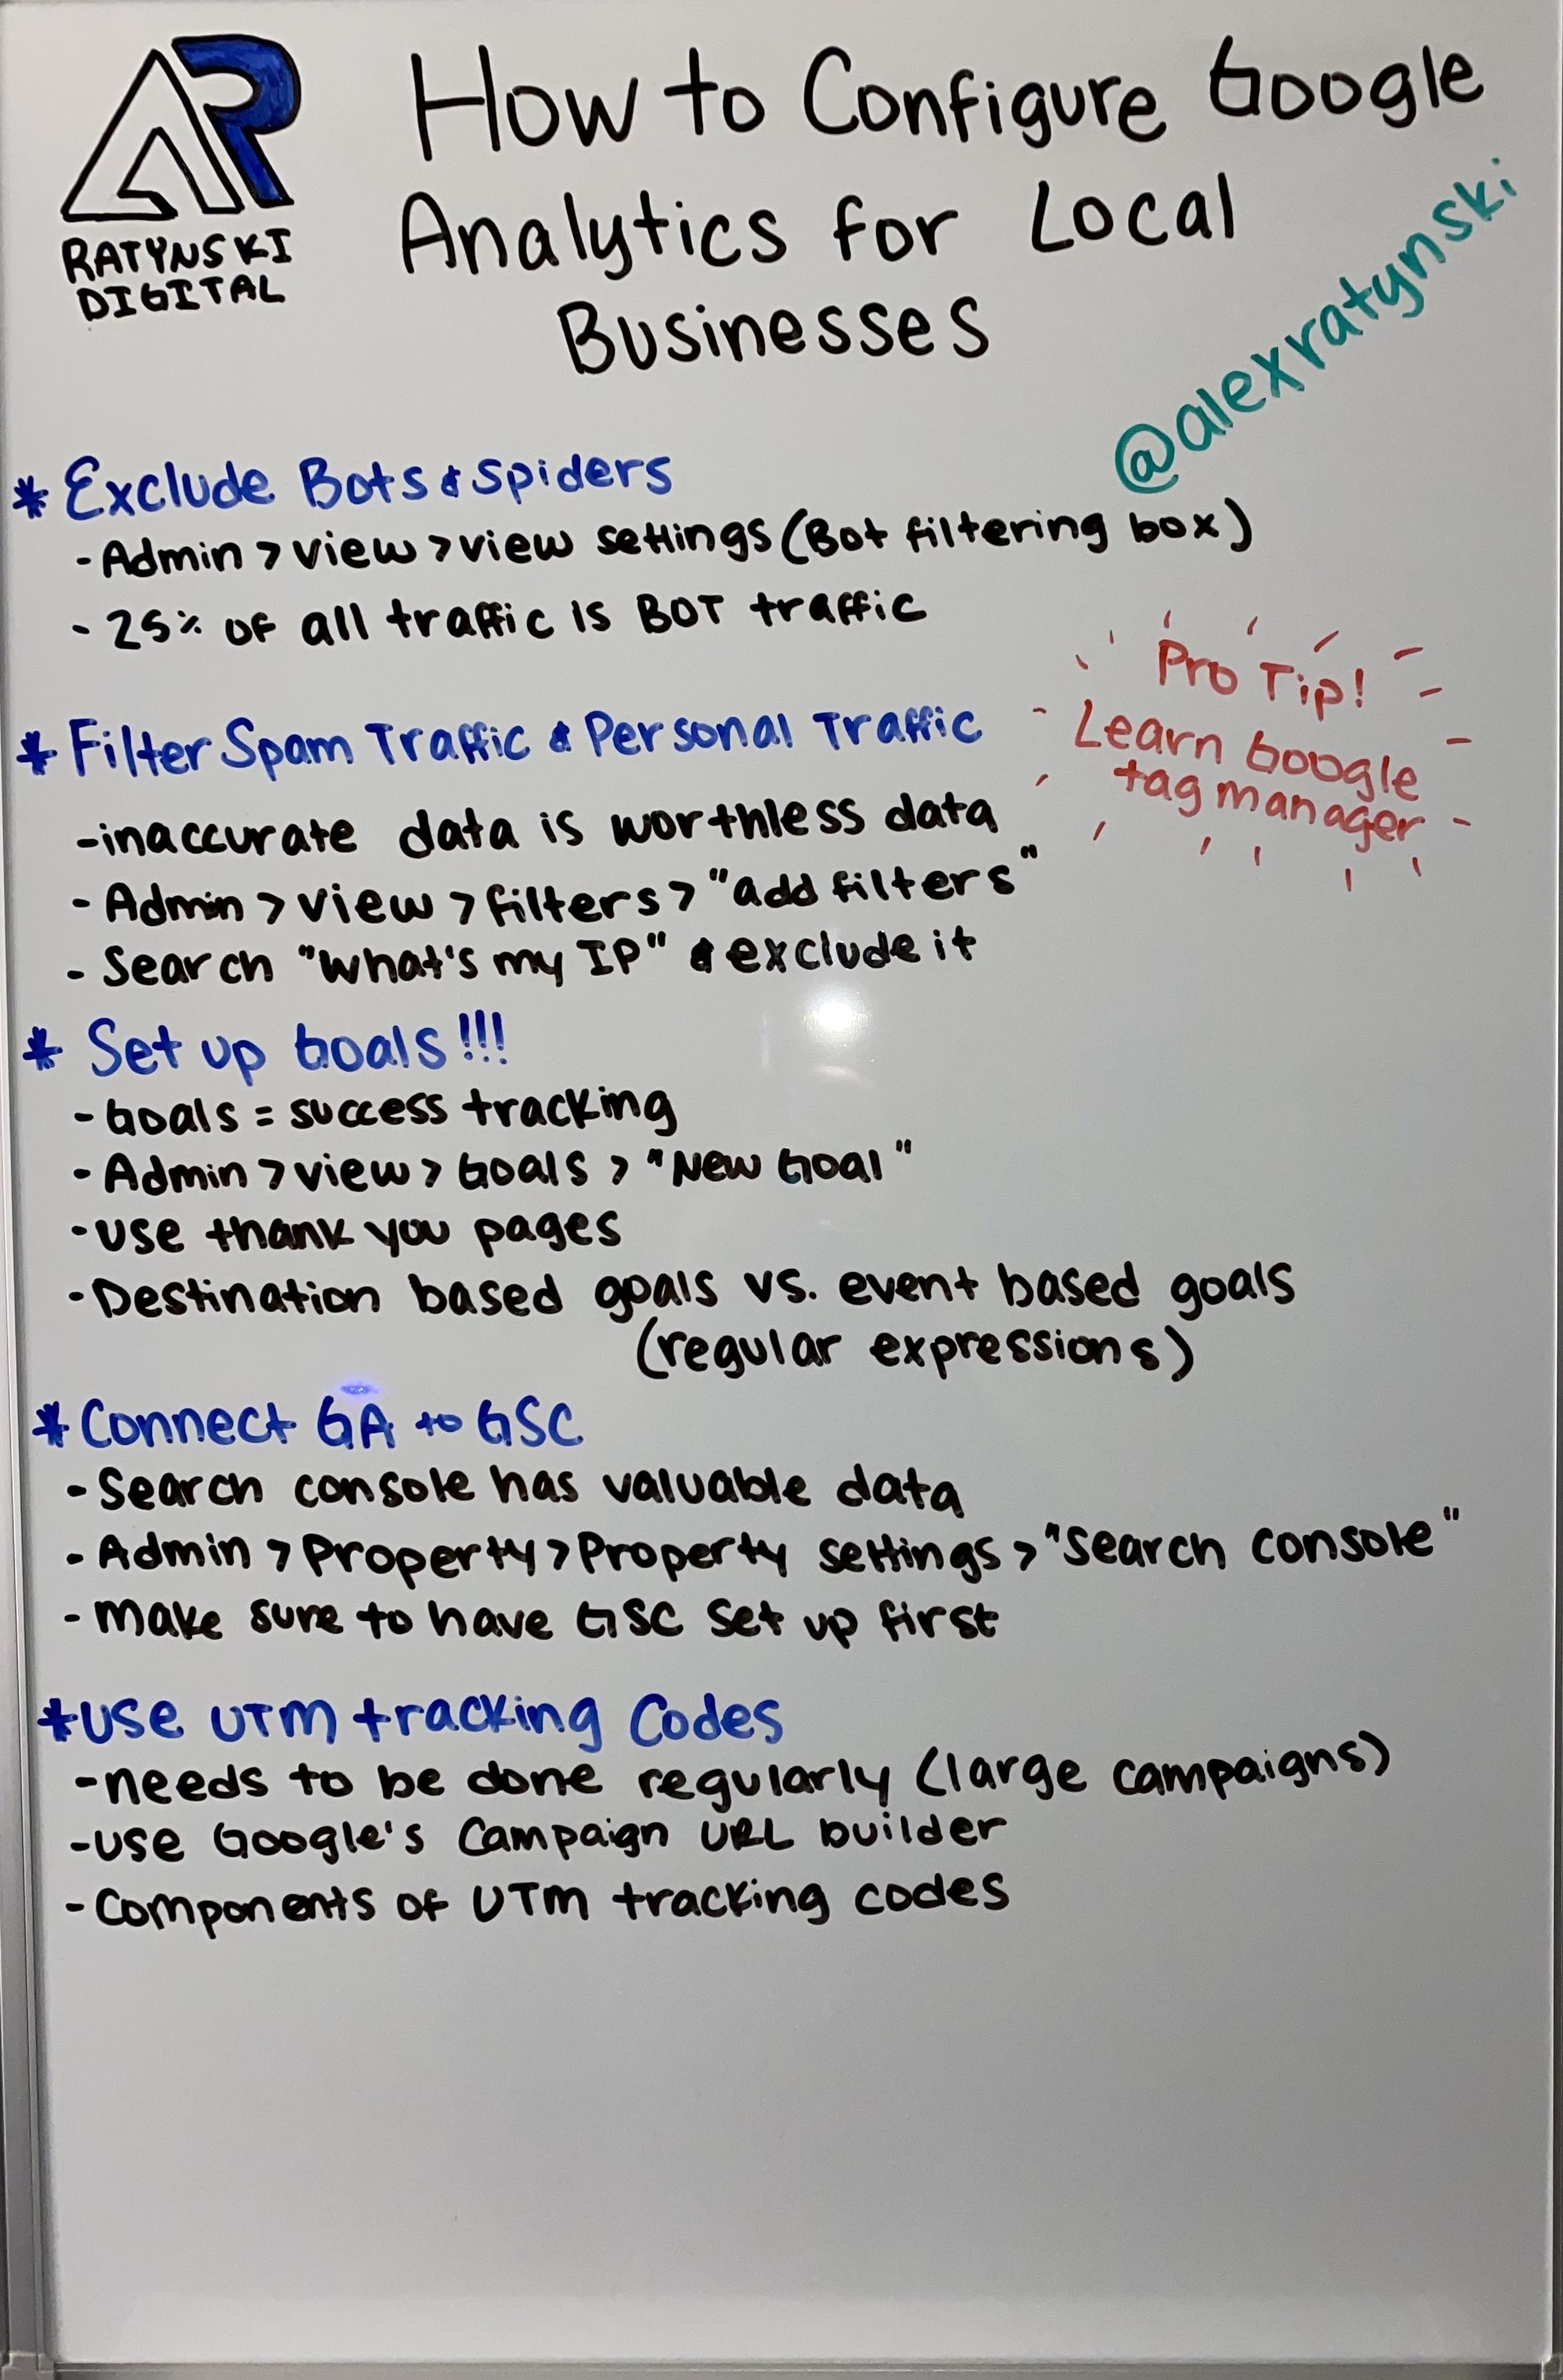 Фотография доски с рукописными заметками о том, как технические специалисты по поисковой оптимизации могут сосредоточиться на доступности.